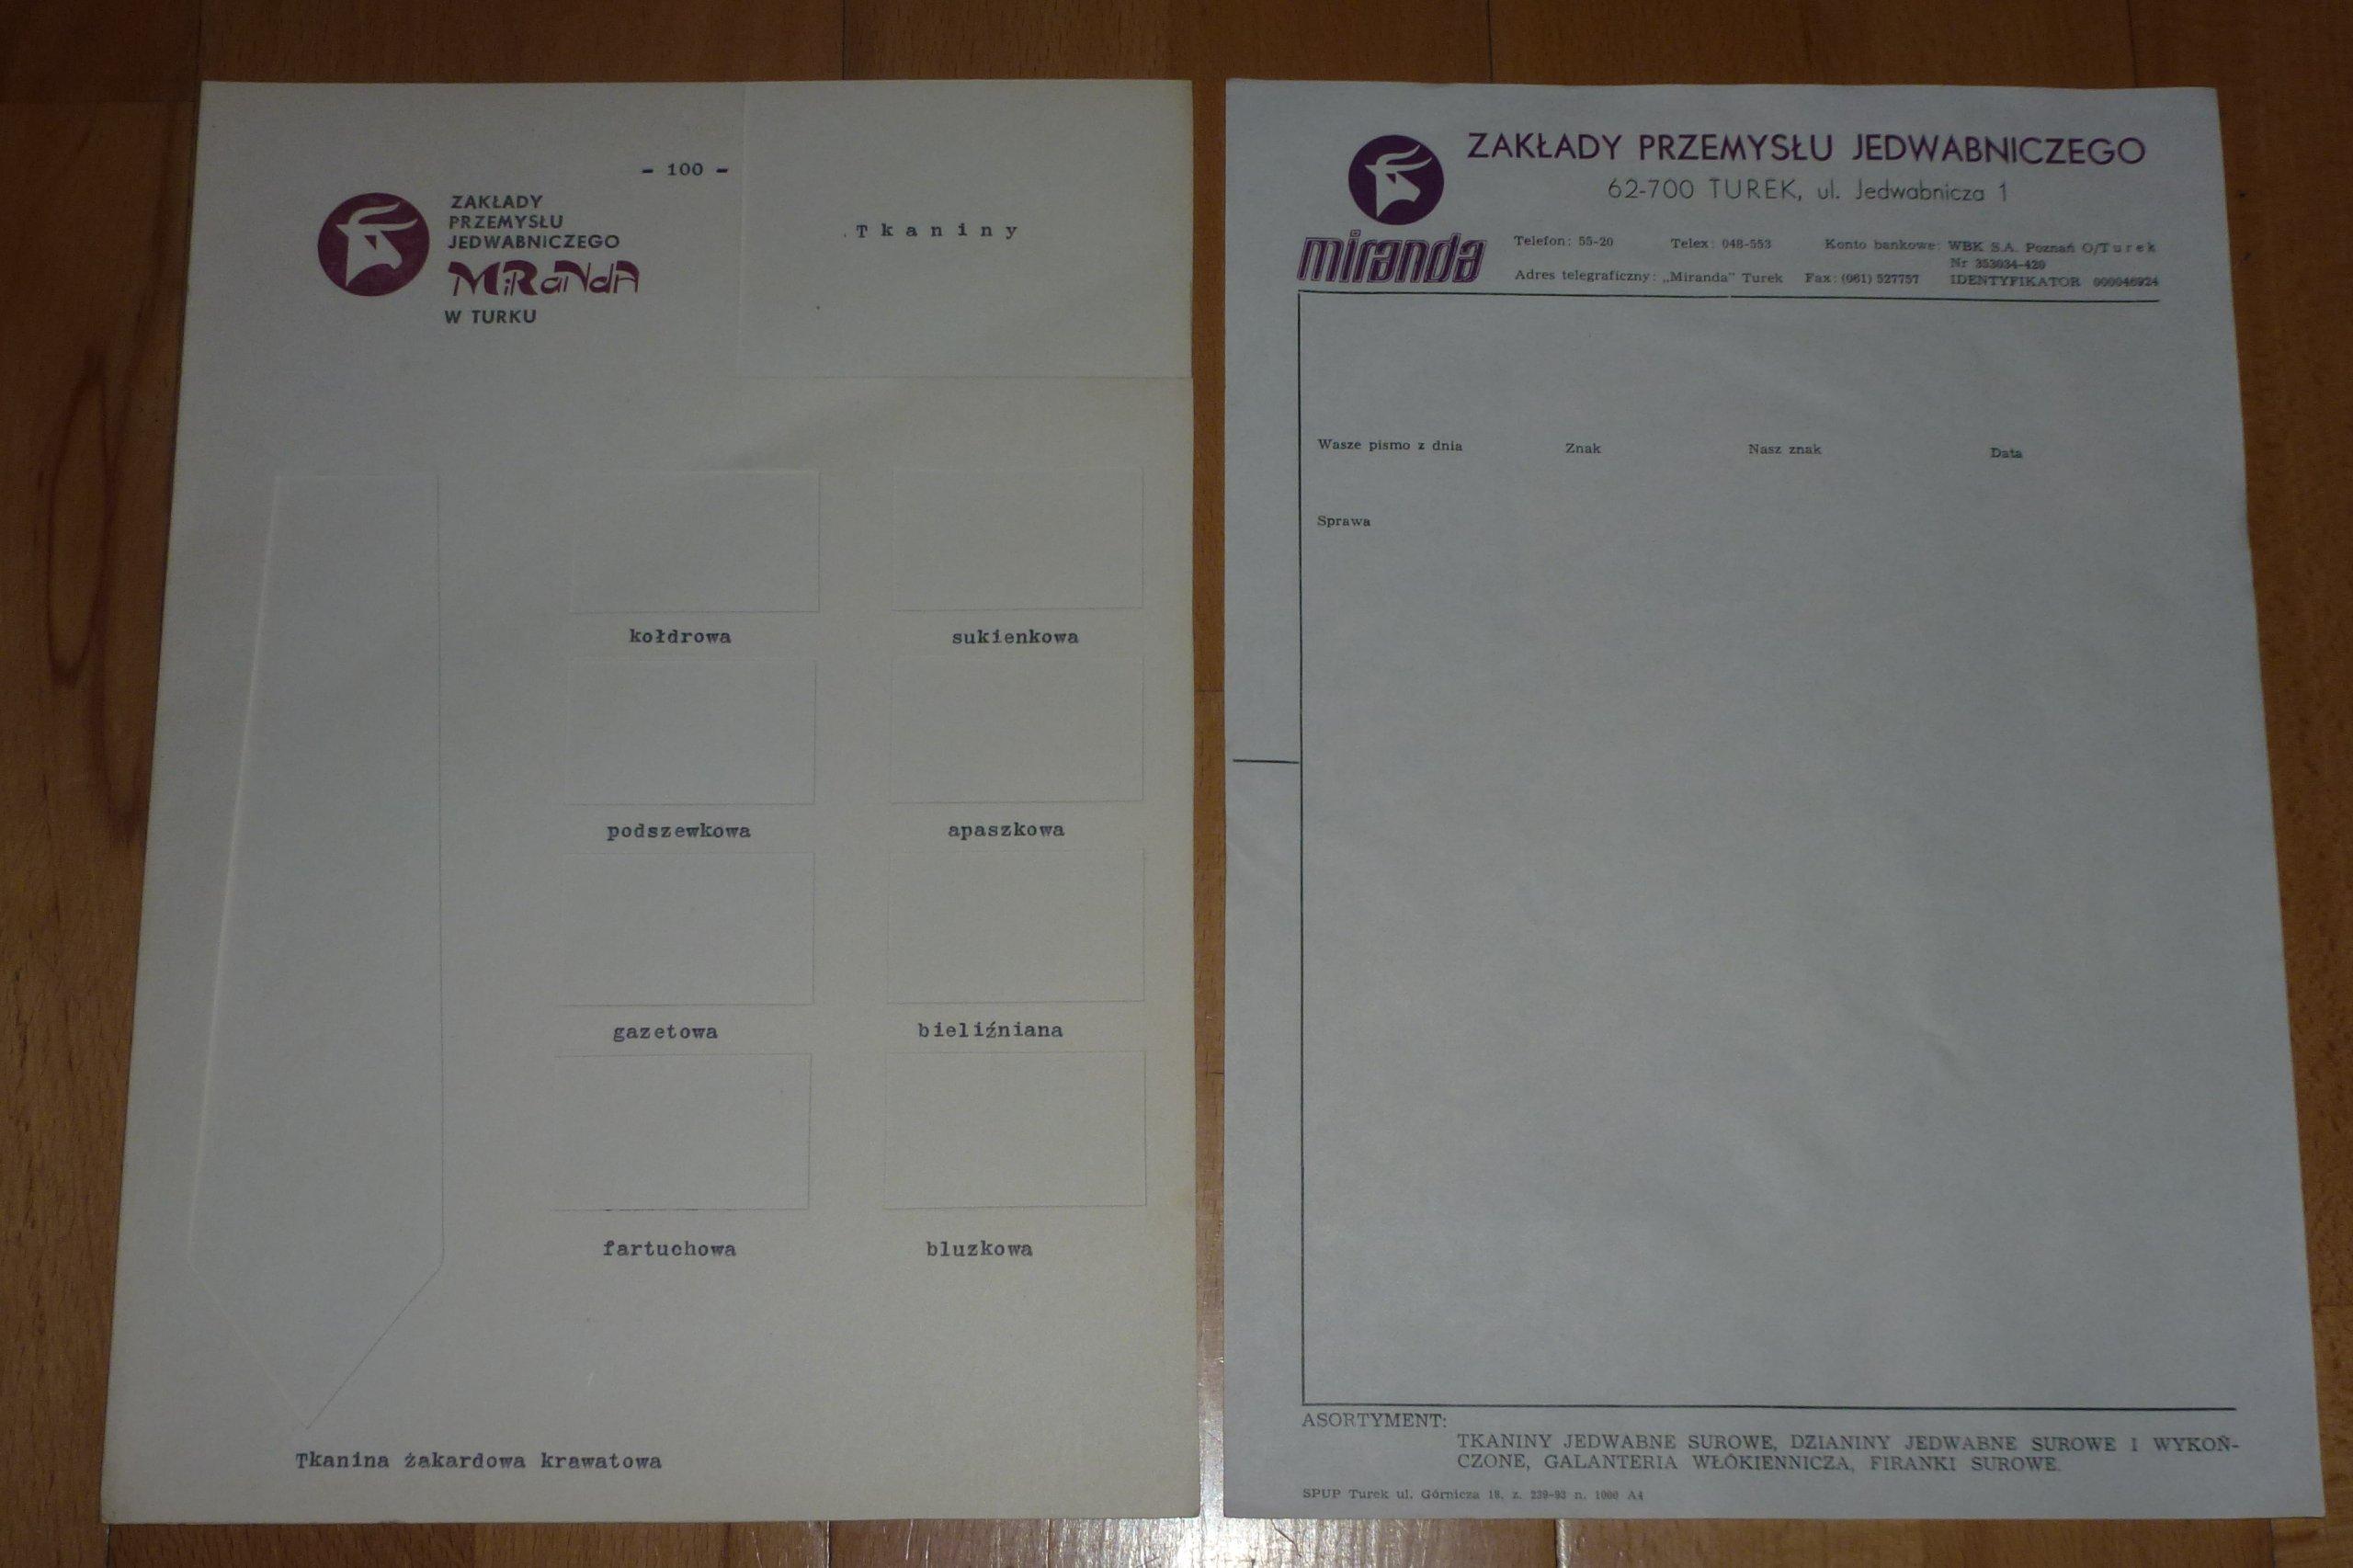 Miranda Turek Czyste dokumenty do tkanin i pism